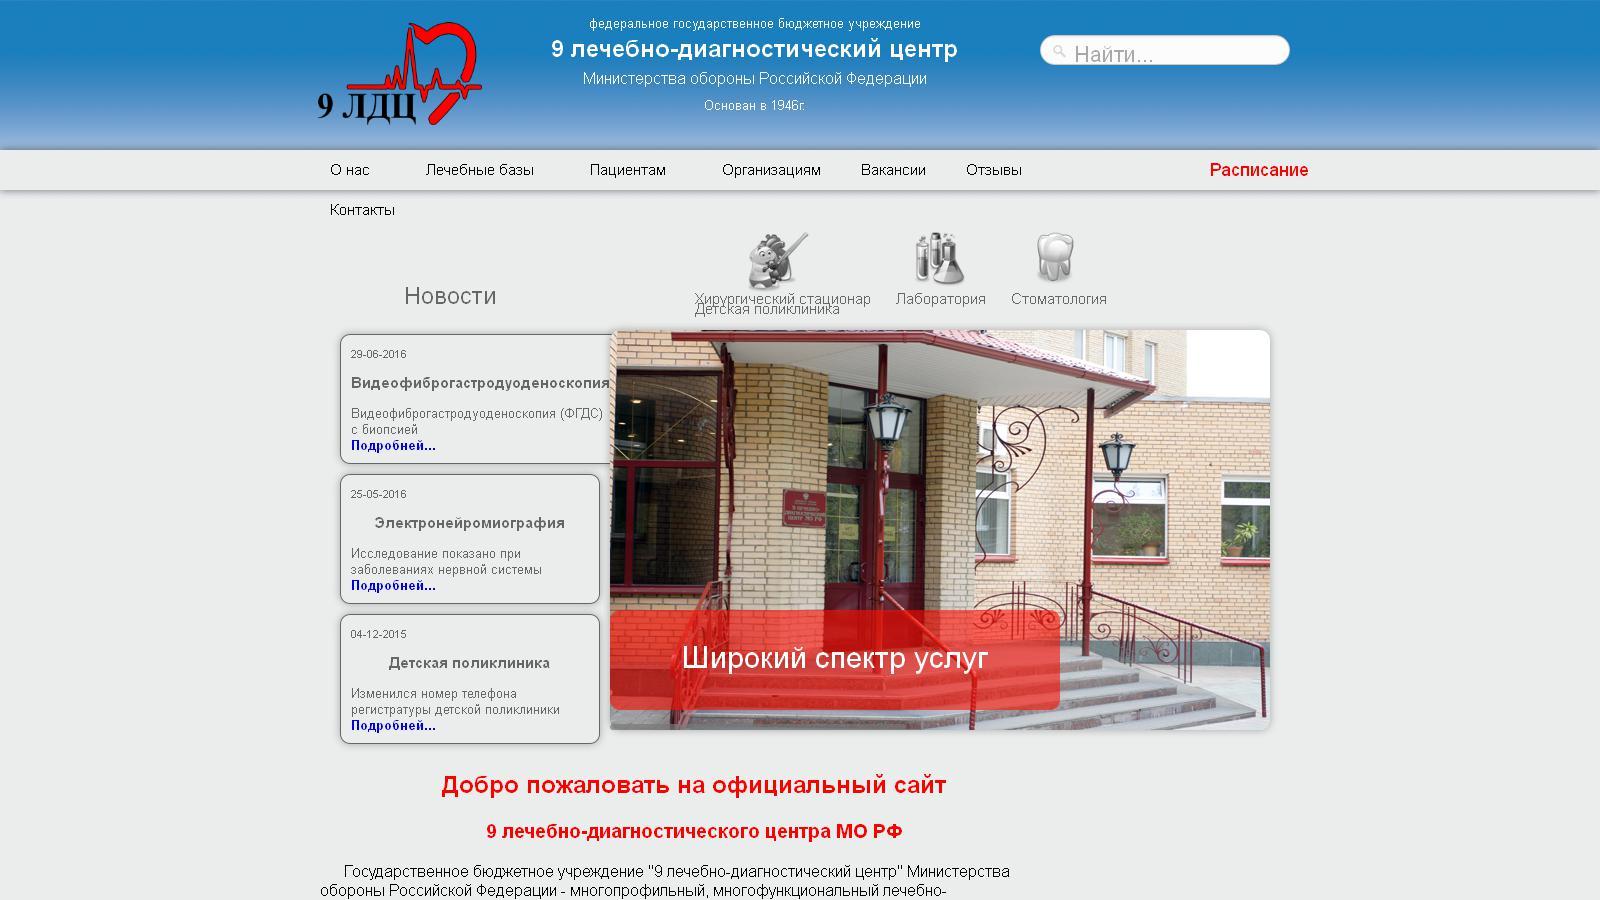 9 лечебно-диагностический центр мо рф (9лдц)